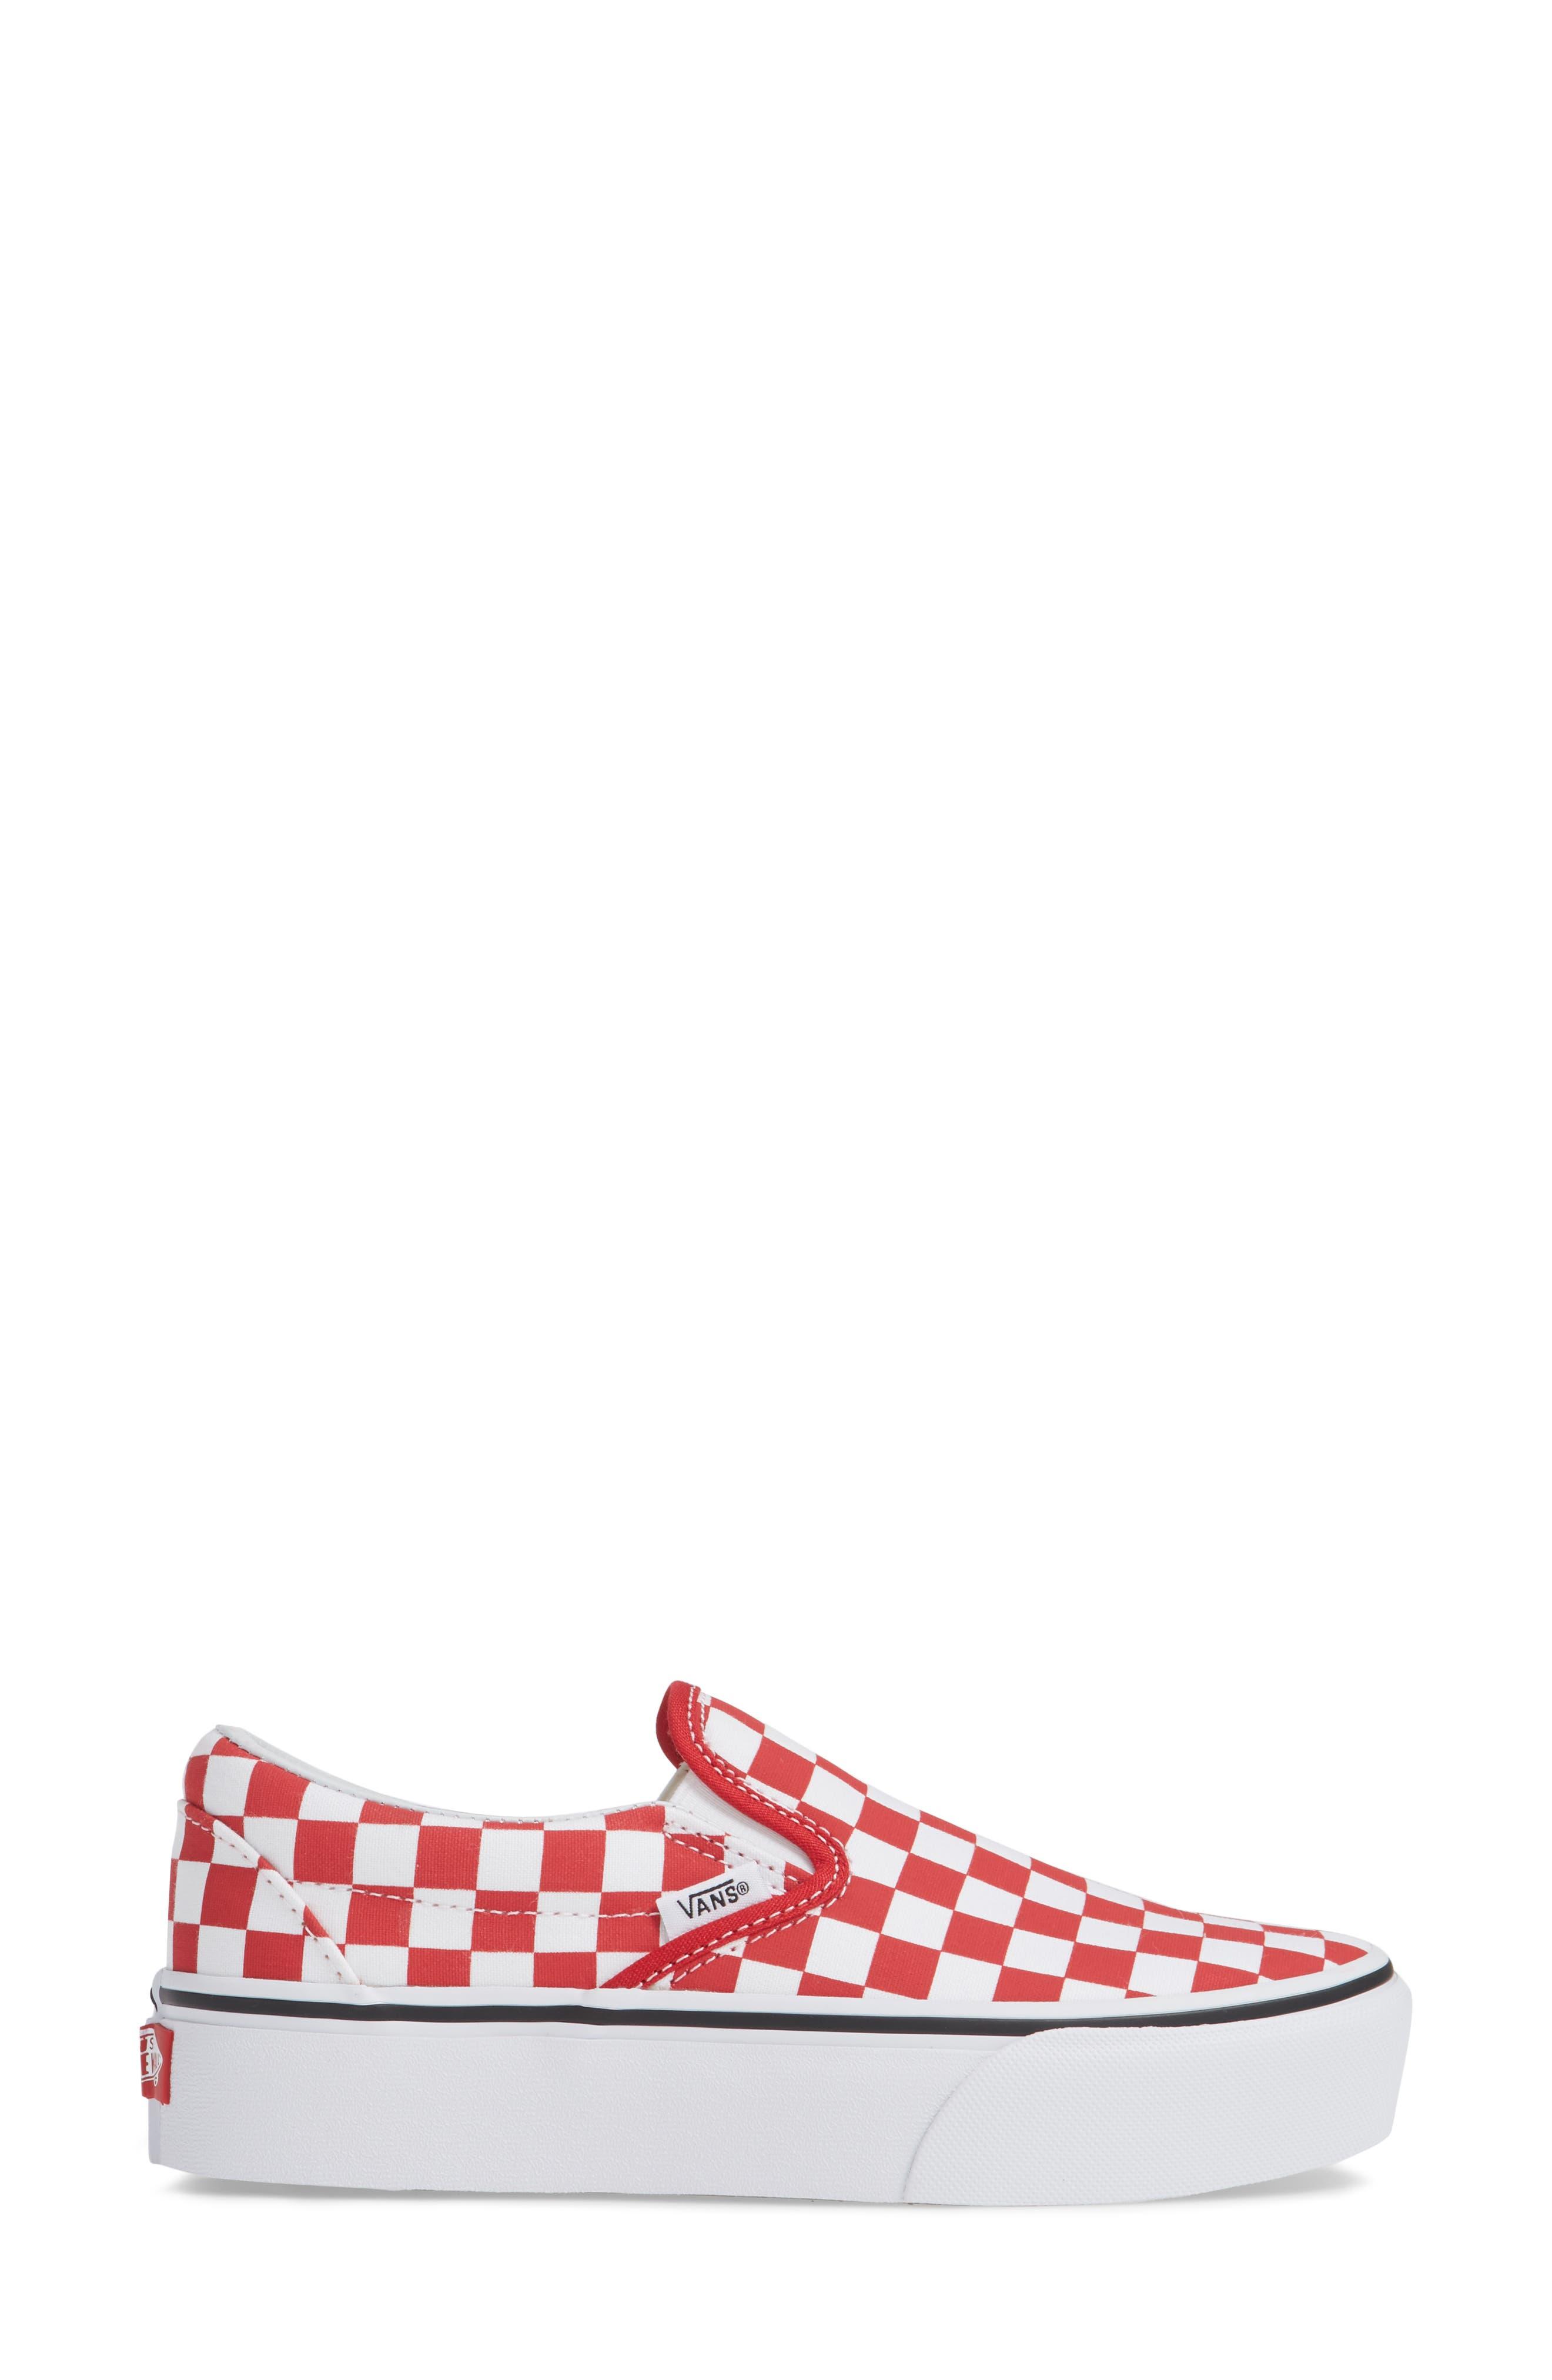 Platform Slip-On Sneaker,                             Alternate thumbnail 3, color,                             RACING RED/ TRUE WHITE